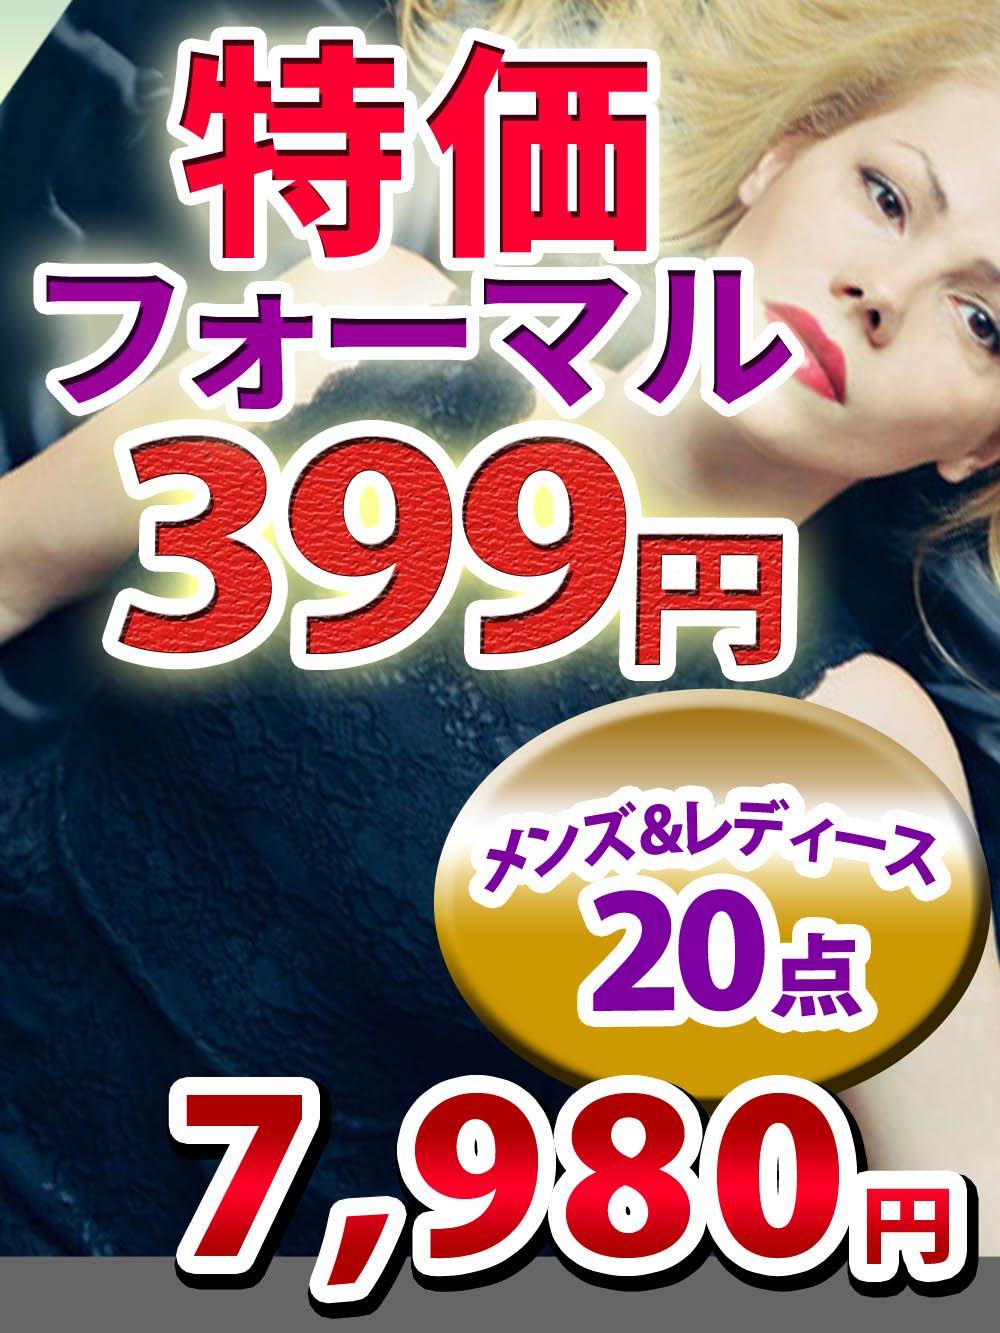 【特価フォーマル】メンズ・レディースフォーマルウェア【20点】@399